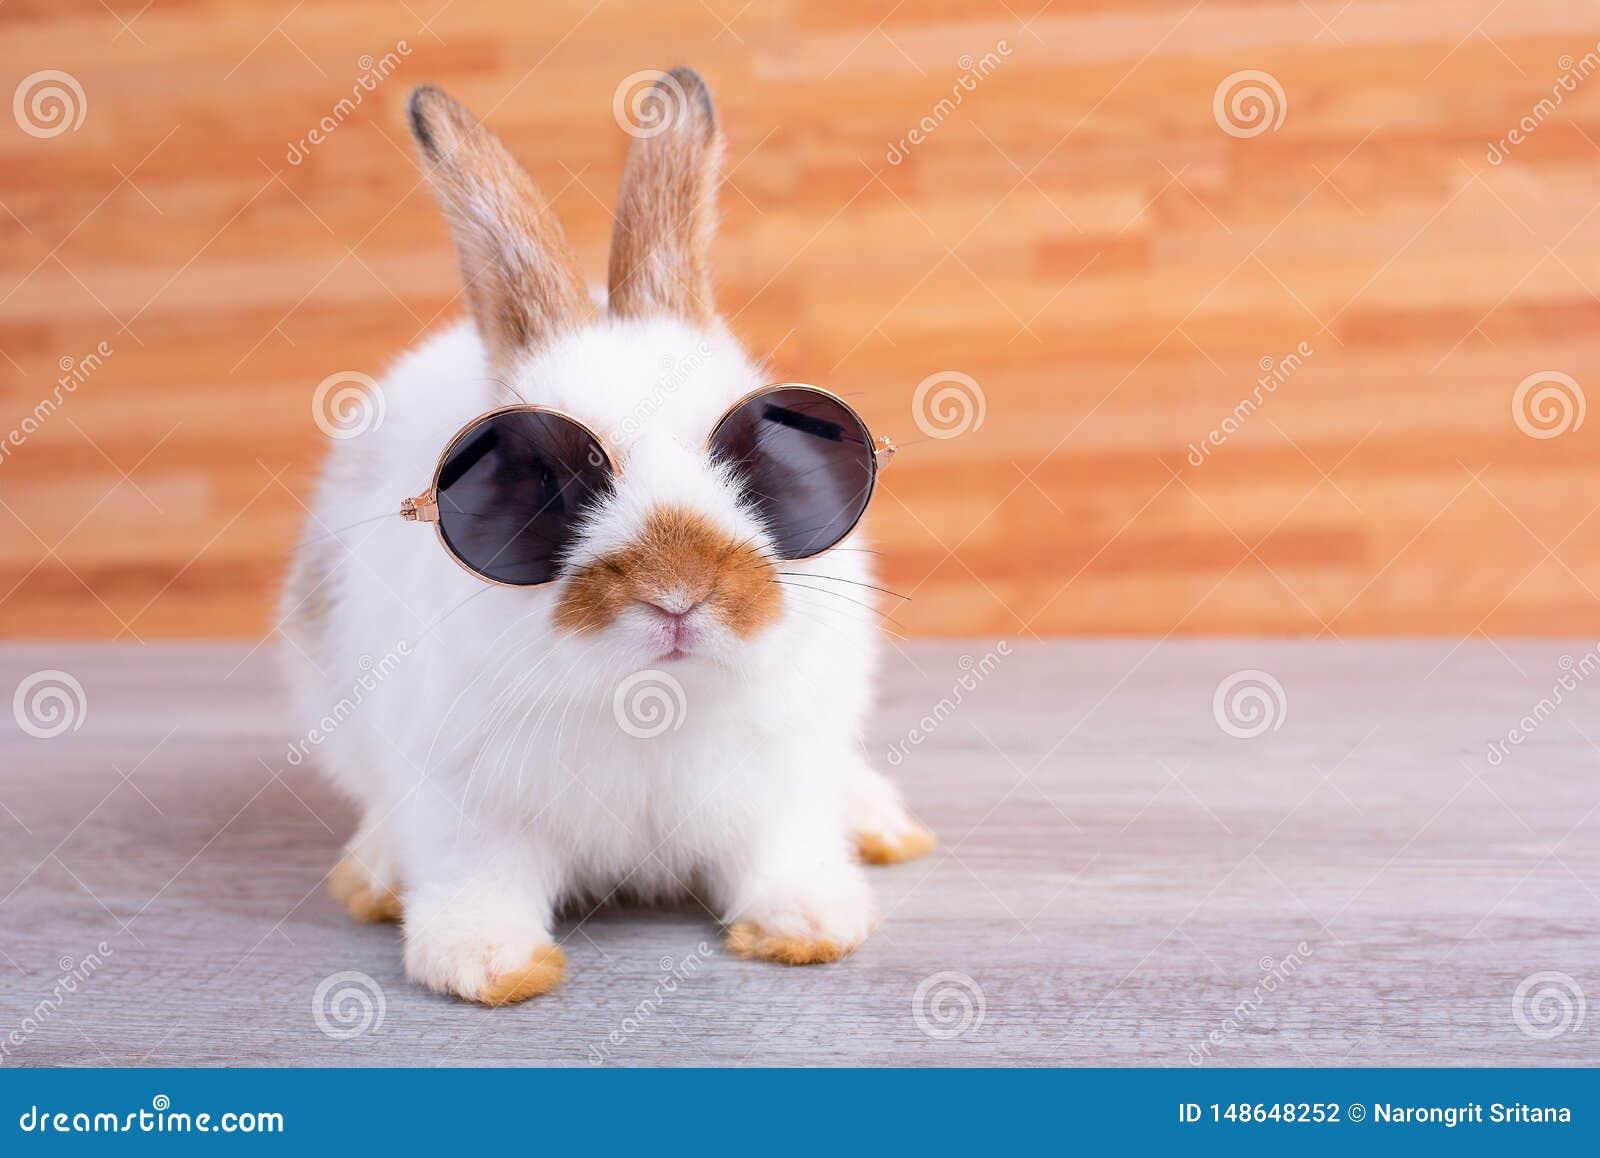 Λίγο λατρευτό κουνέλι λαγουδάκι με τα γυαλιά ήλιων μένει στον γκρίζο πίνακα με το καφετί ξύλινο σχέδιο ως υπόβαθρο